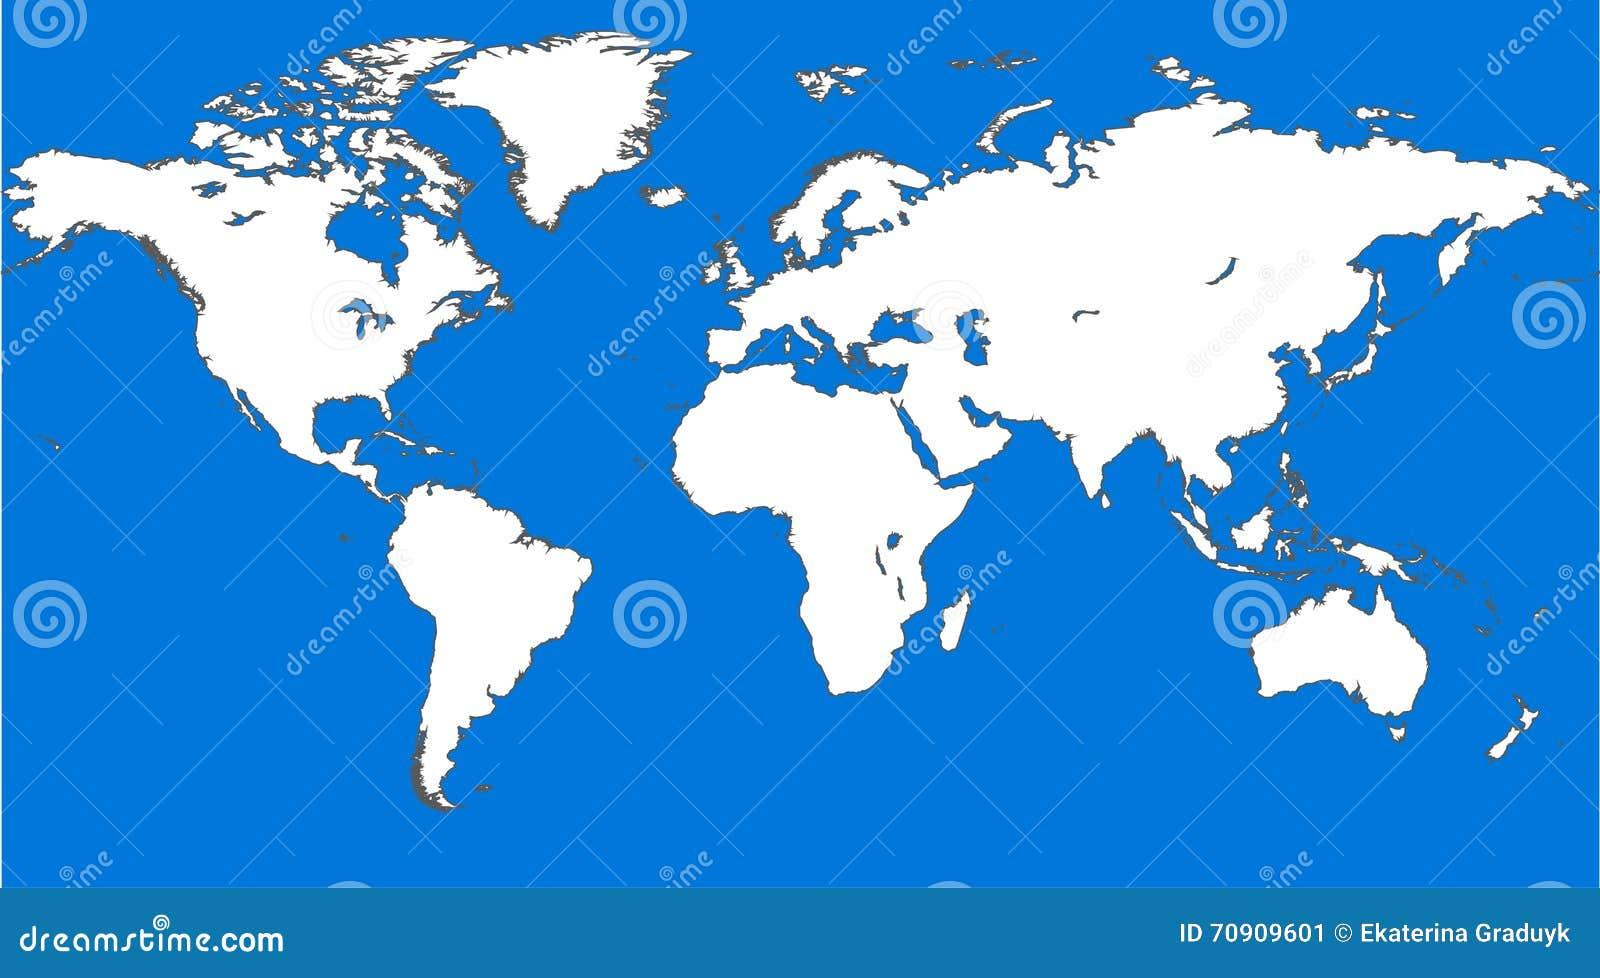 Шаблоны карты мира скачать